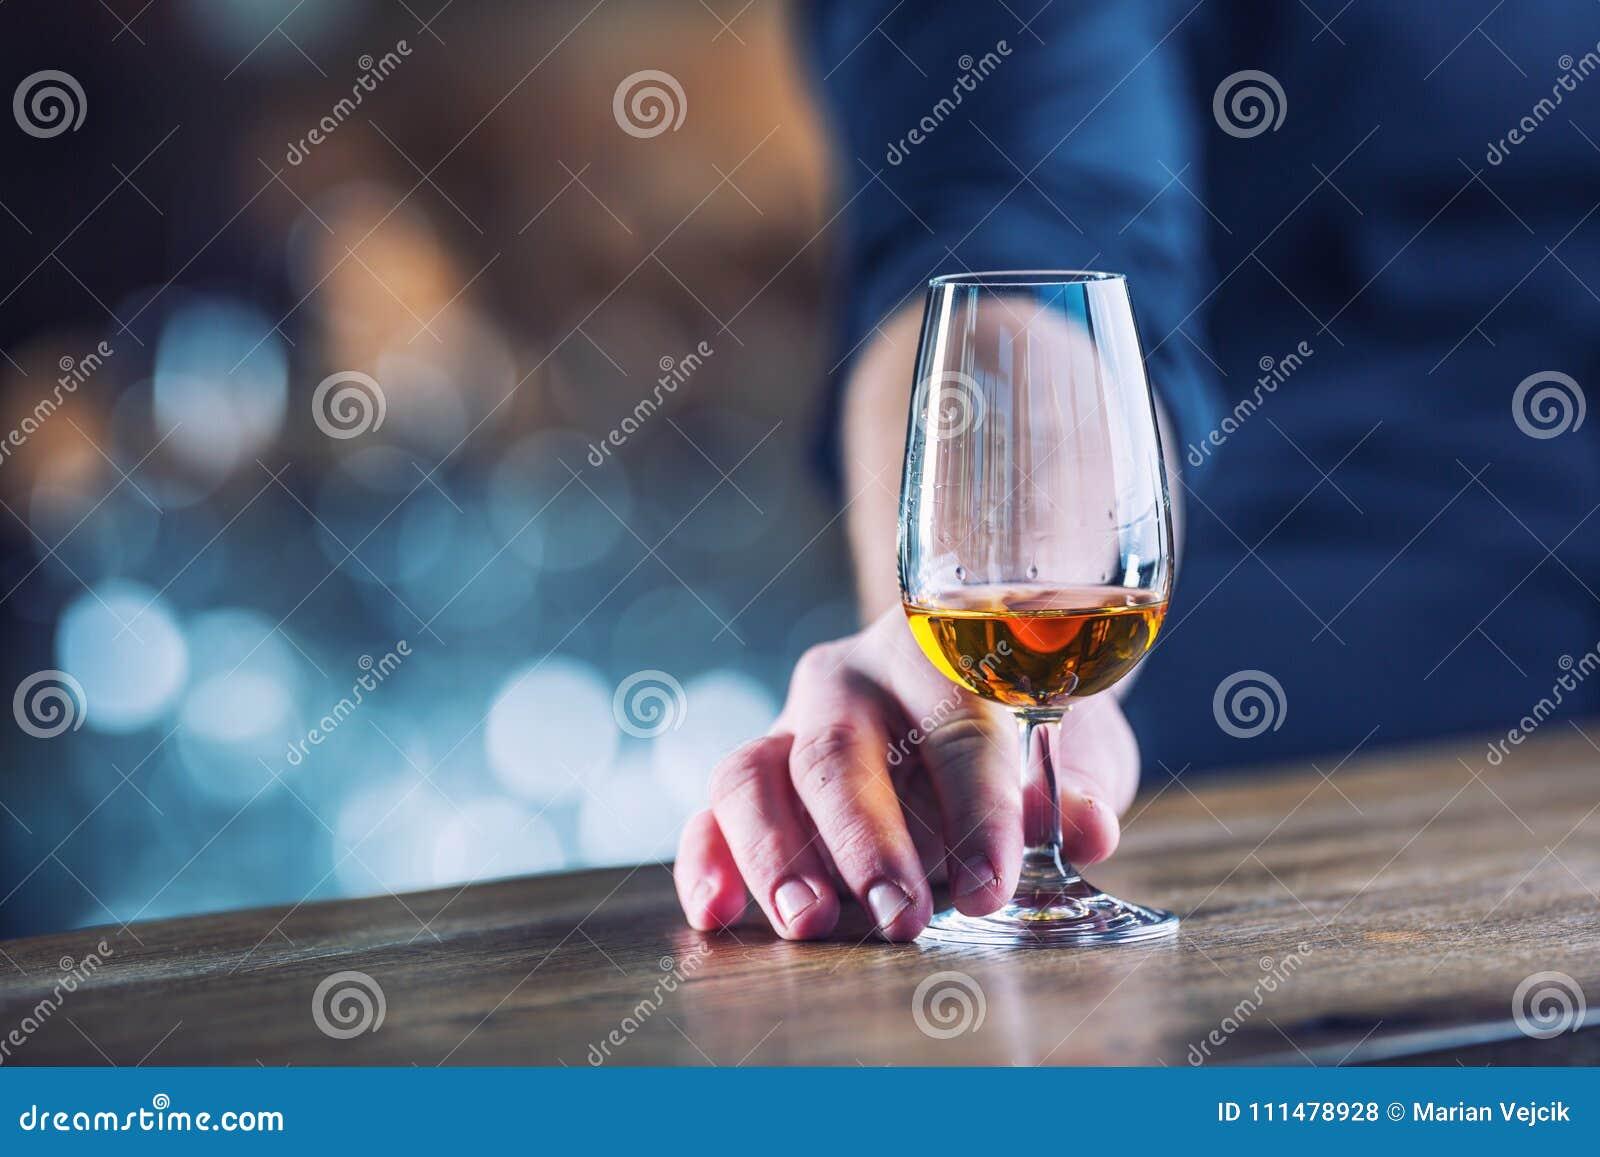 αλκοόλης Το χέρι οινοπνευματώδες ή ο μπάρμαν και πίνει το BR αποστάγματος